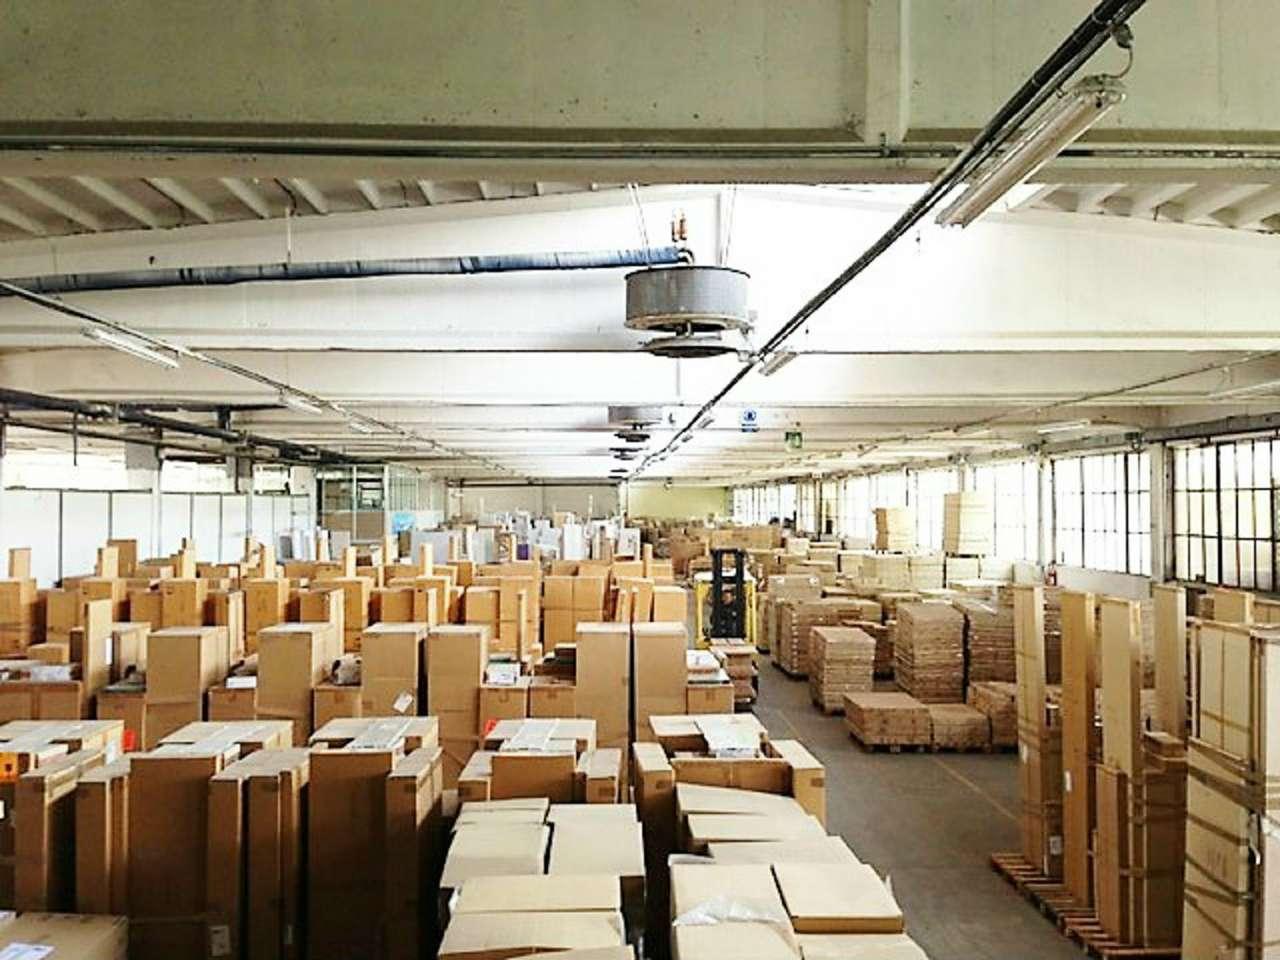 Immagine immobiliare CANDIOLO - ADIACENTE TANGENZIALE TORINO PINEROLO Fronte strada capannone, deposito, magazzino uso terziario di 7200 mq. Ampliabile per ulteriori 4000 mq. Uffici 400 mq. Appartamento custode mq. 100.Totale terreno 23.000 mq....